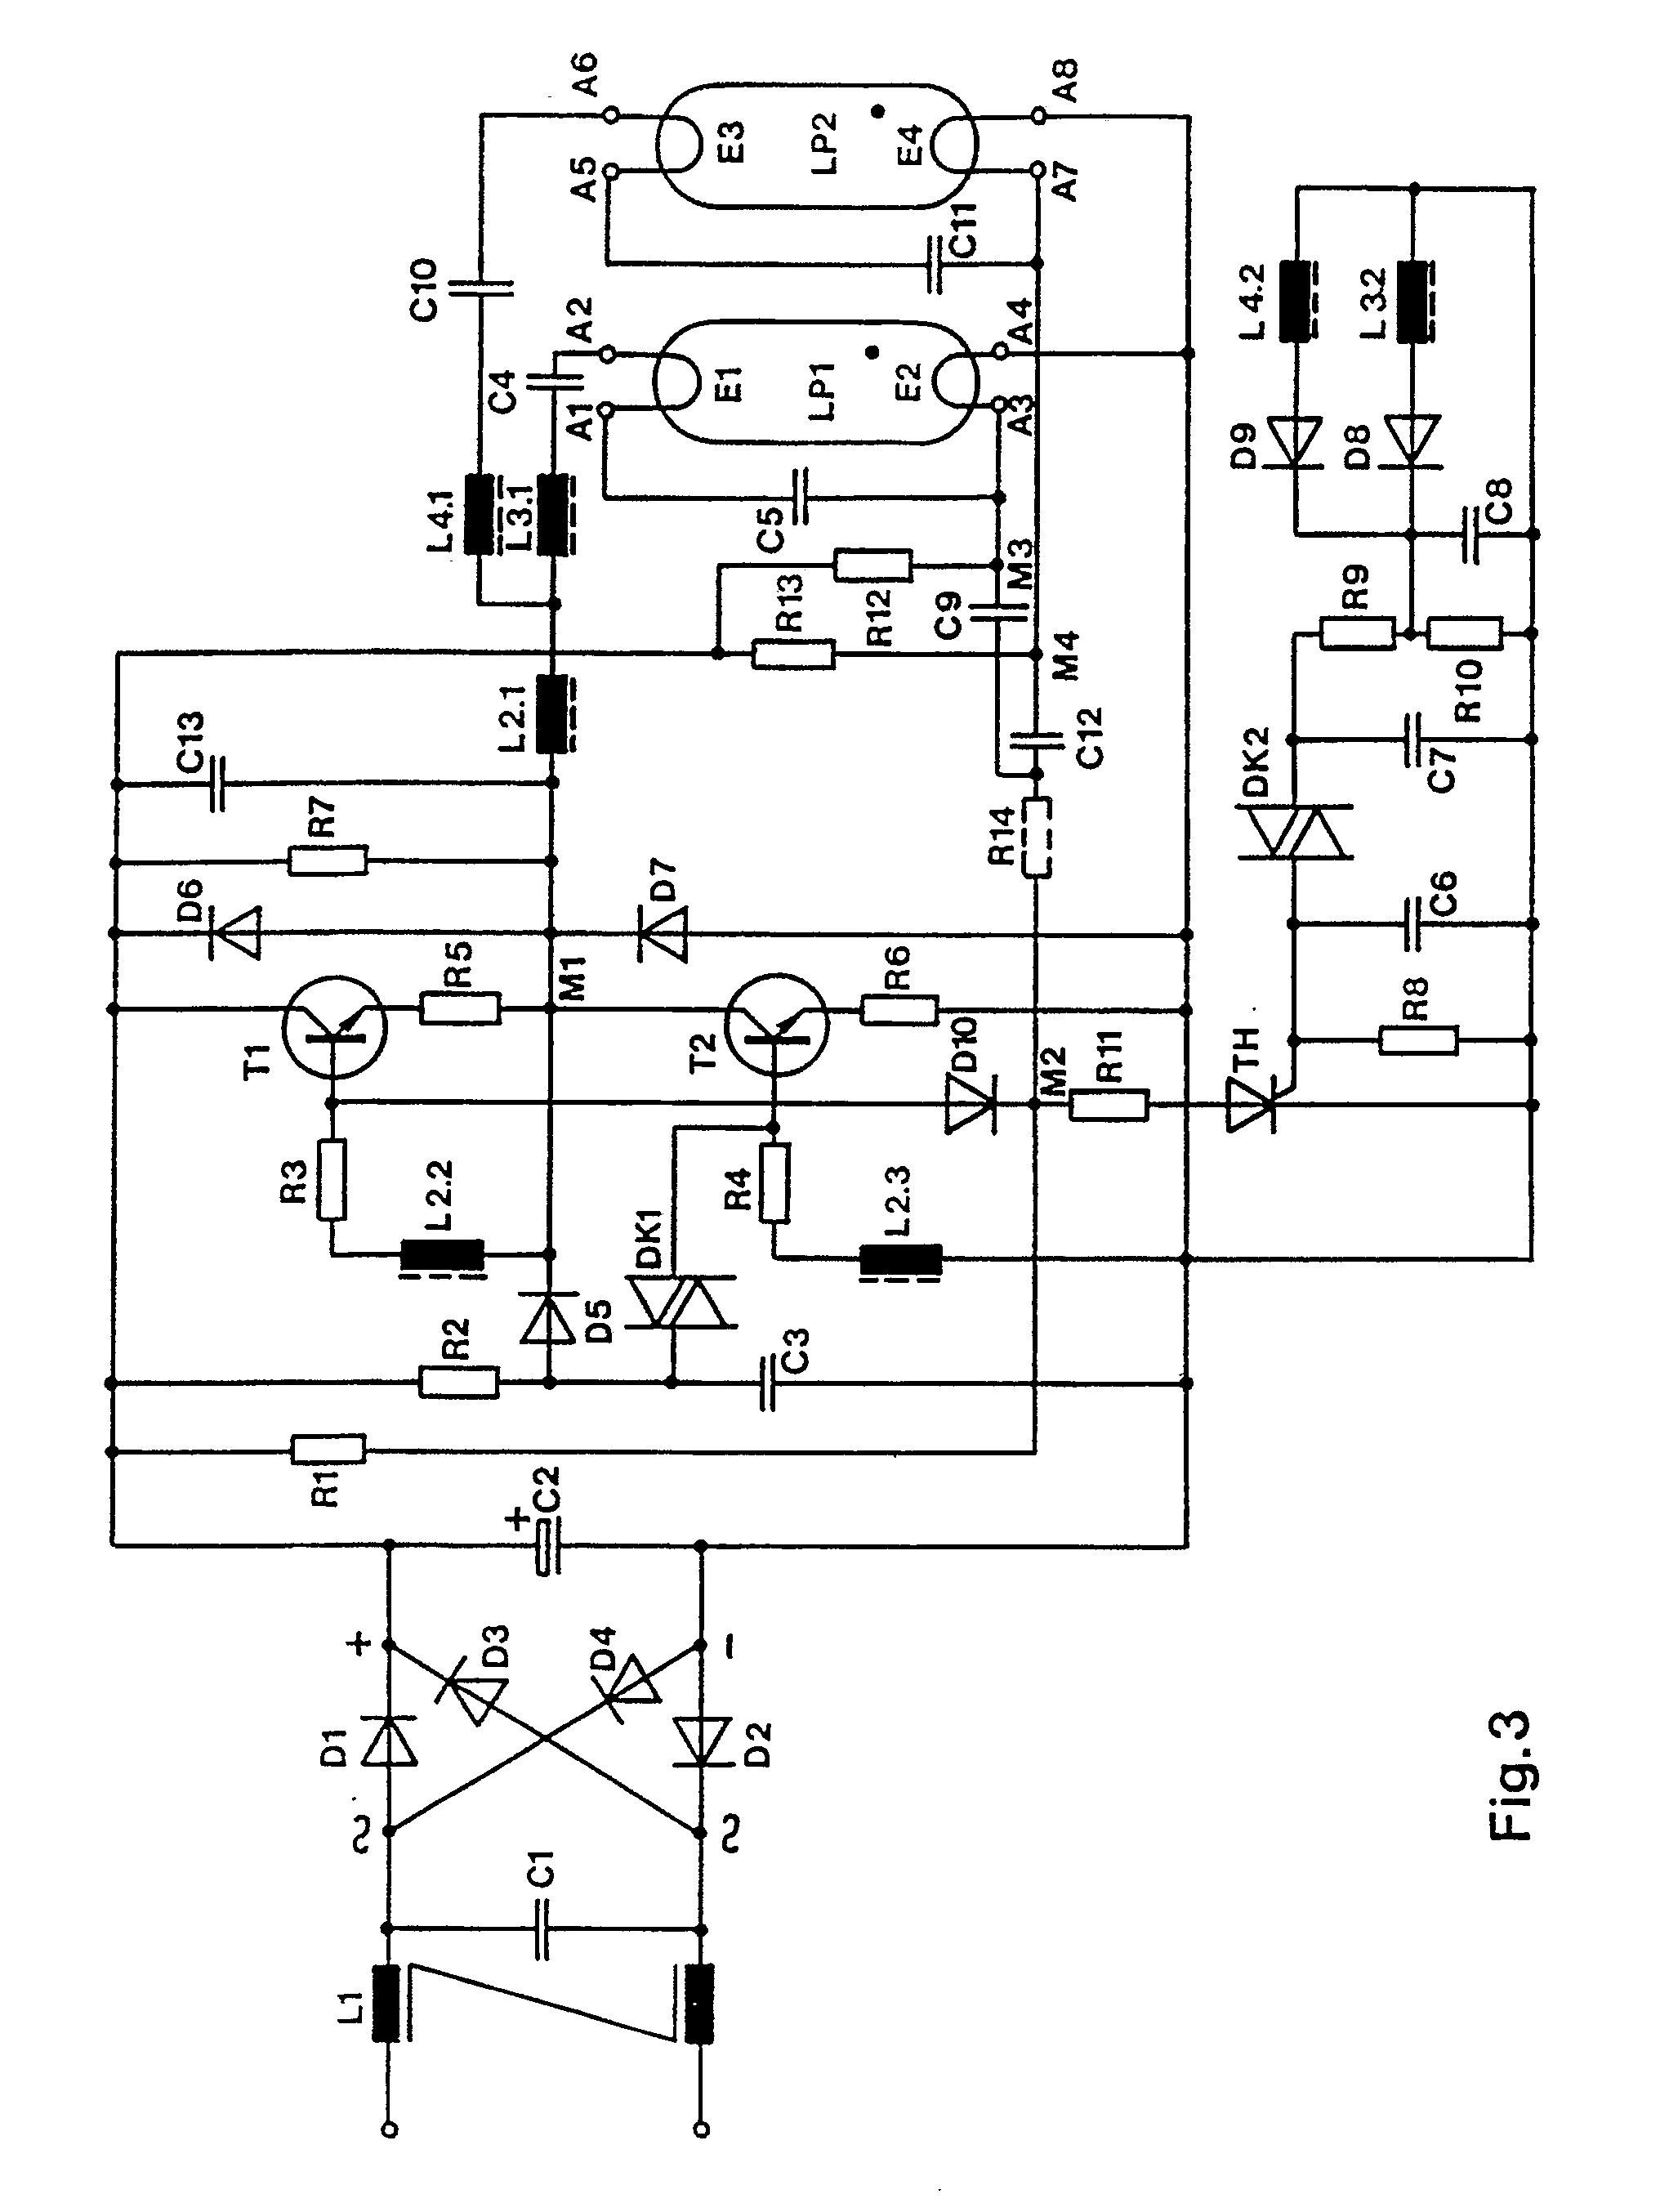 imgf0003 Spannende Elektronisches Vorschaltgerät Leuchtstofflampe Schaltplan Dekorationen